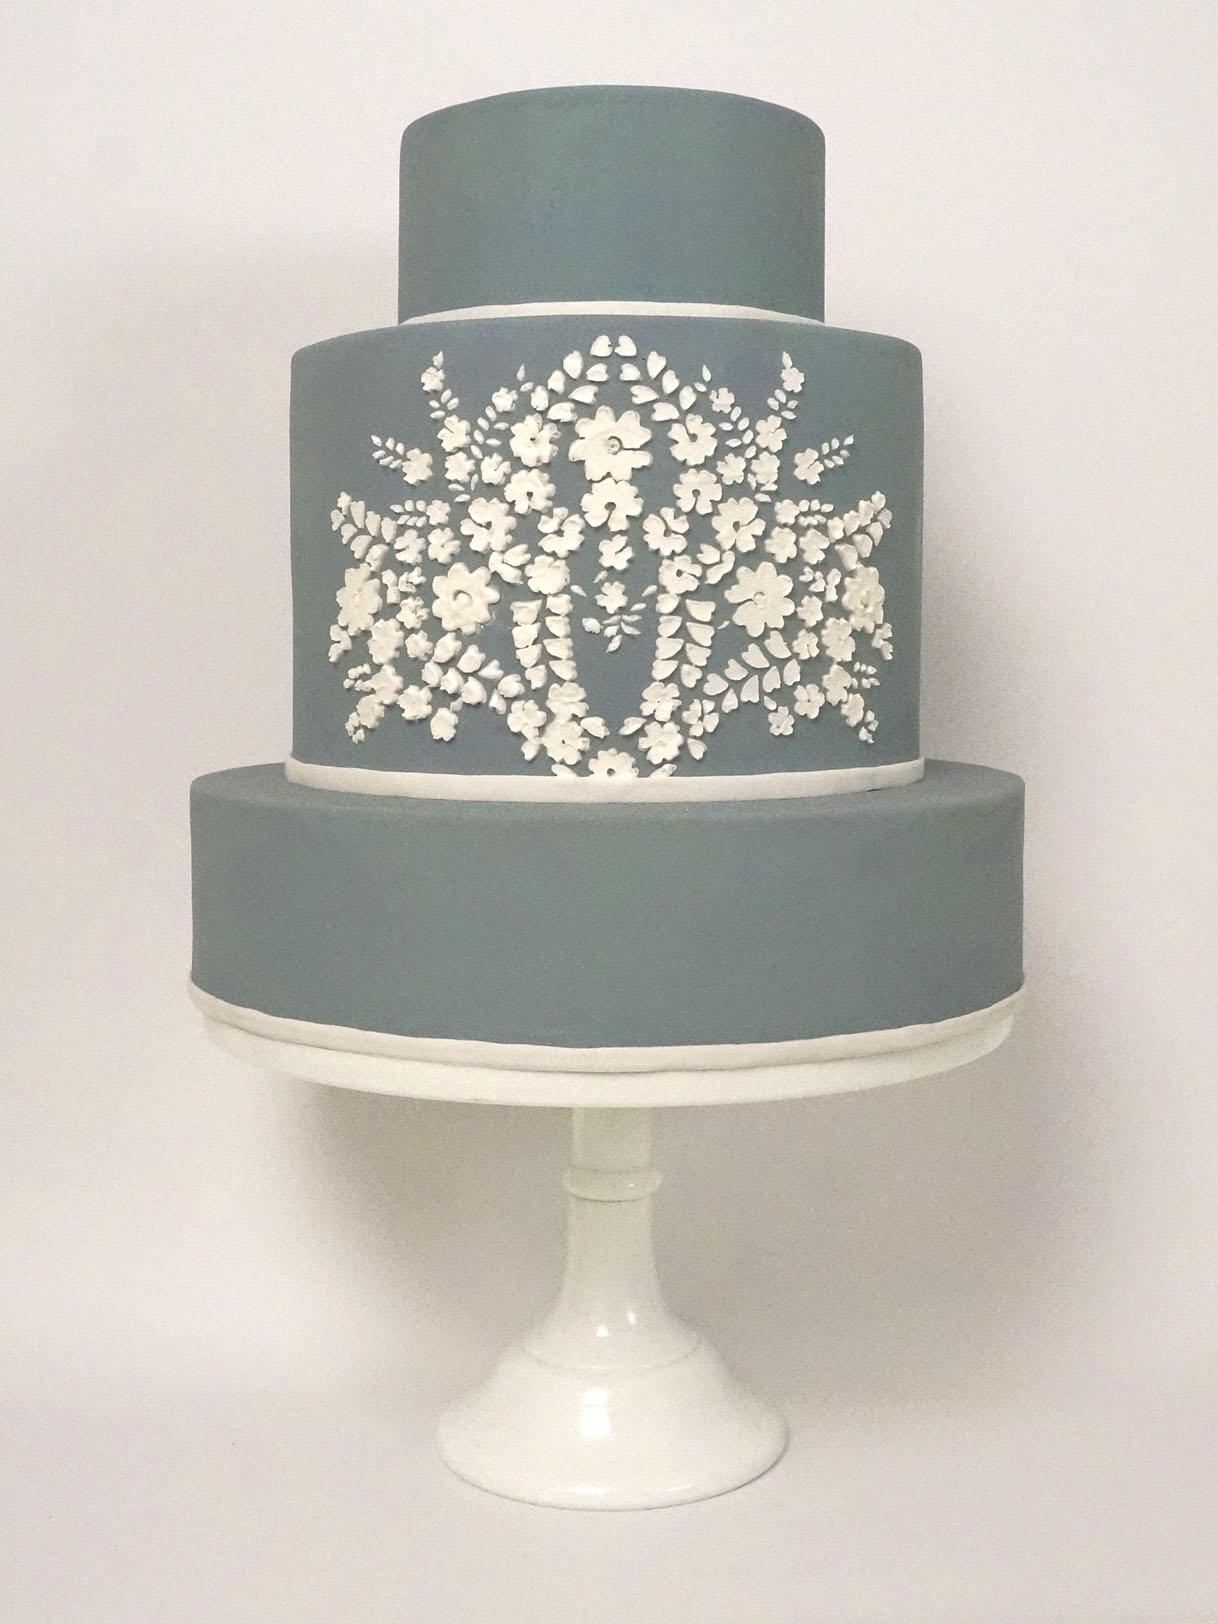 wedgwood-blue-gray-lace-wedding-cake-baltimore-maryland.jpg